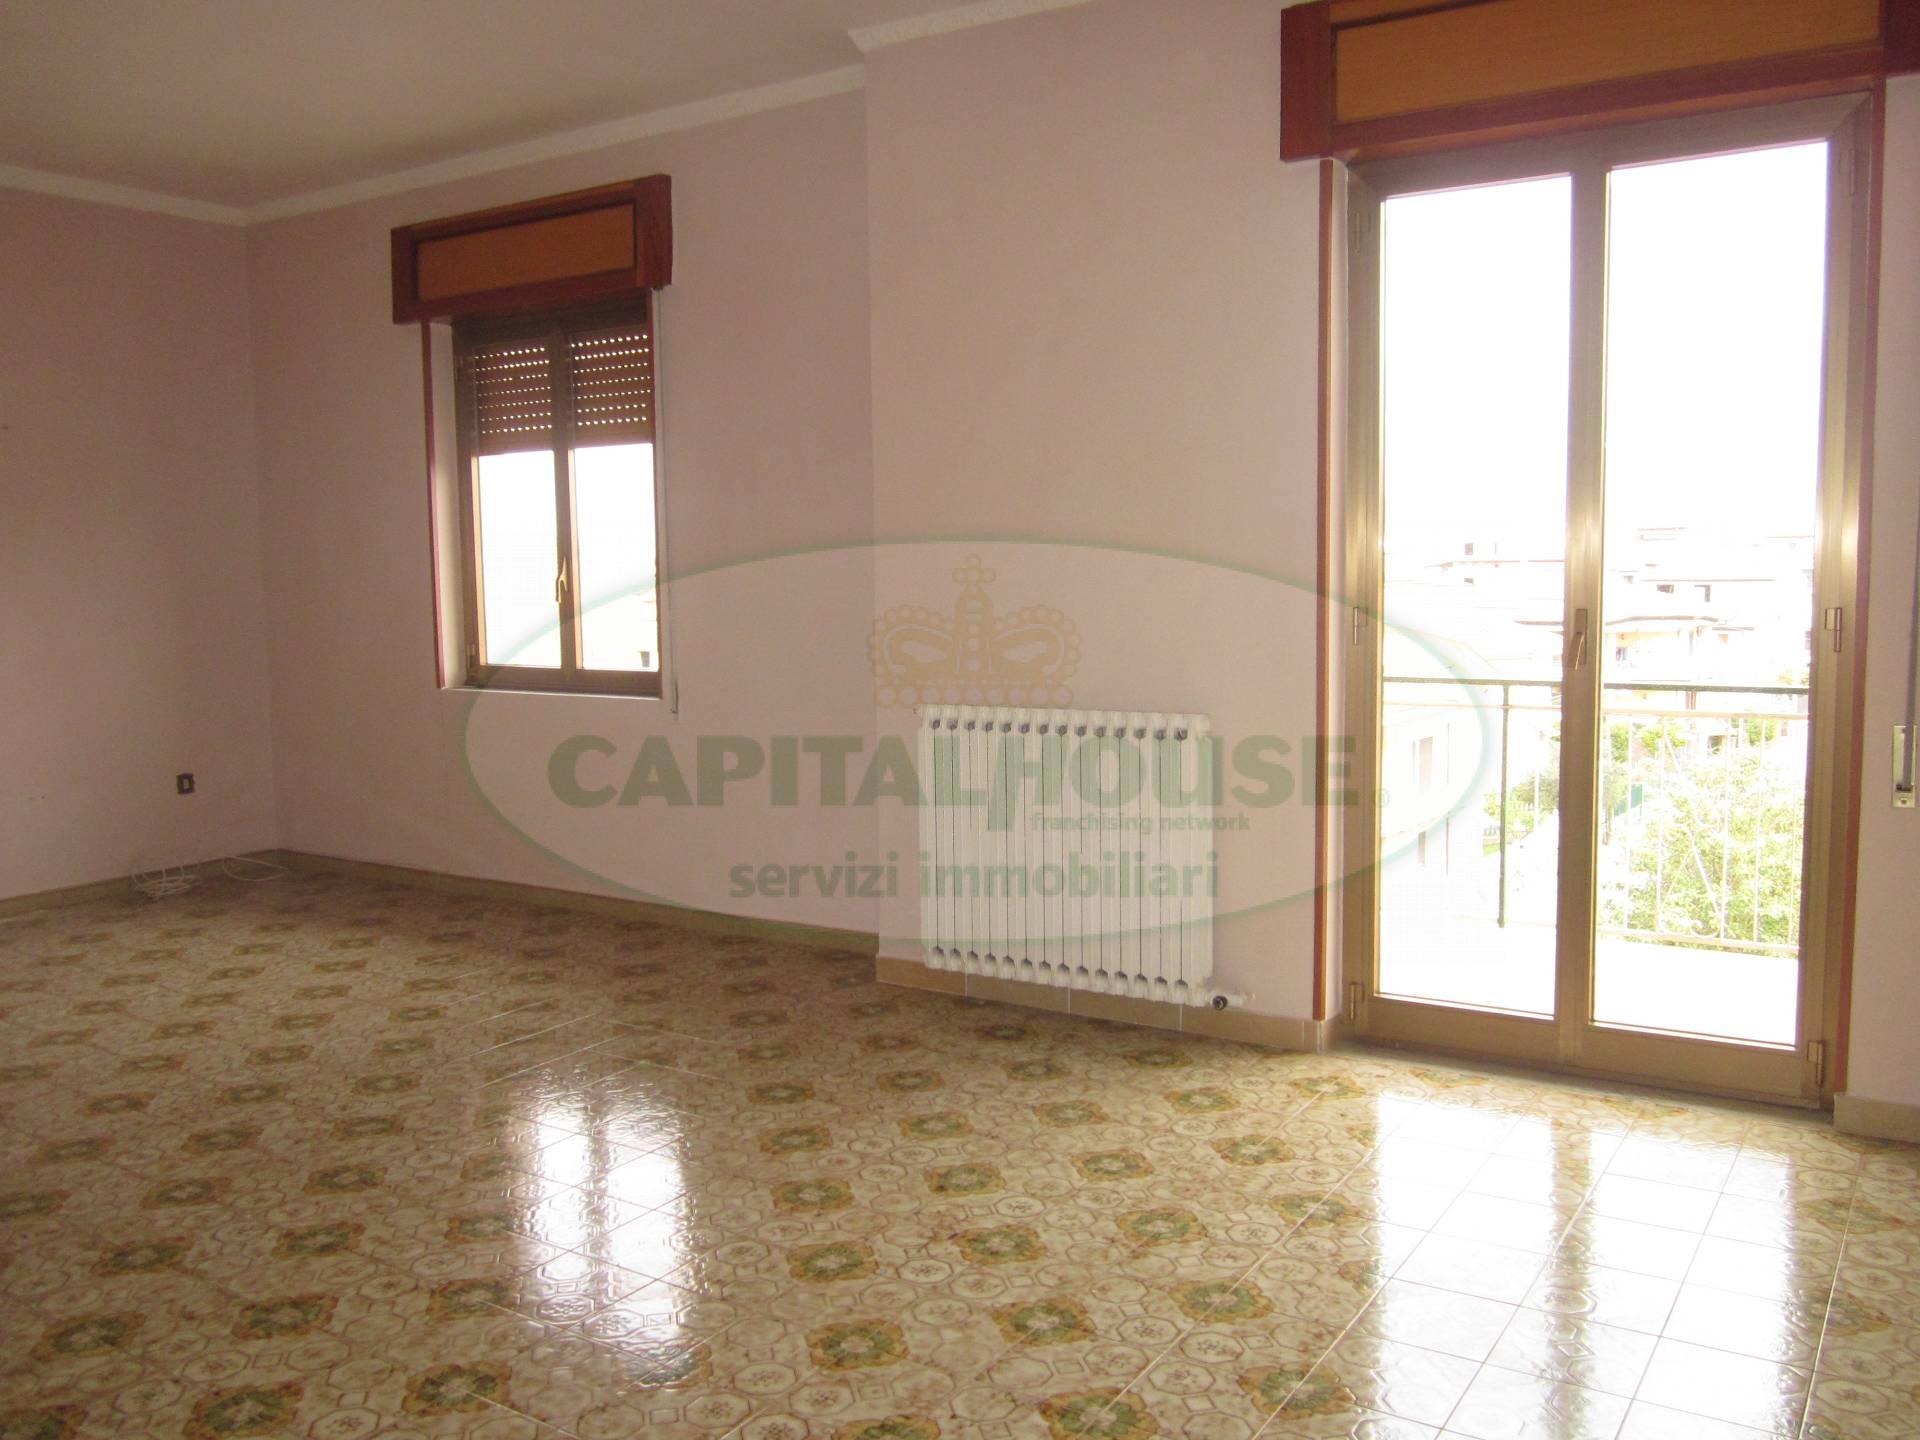 Appartamento in affitto a San Marco Evangelista, 3 locali, prezzo € 350 | Cambio Casa.it